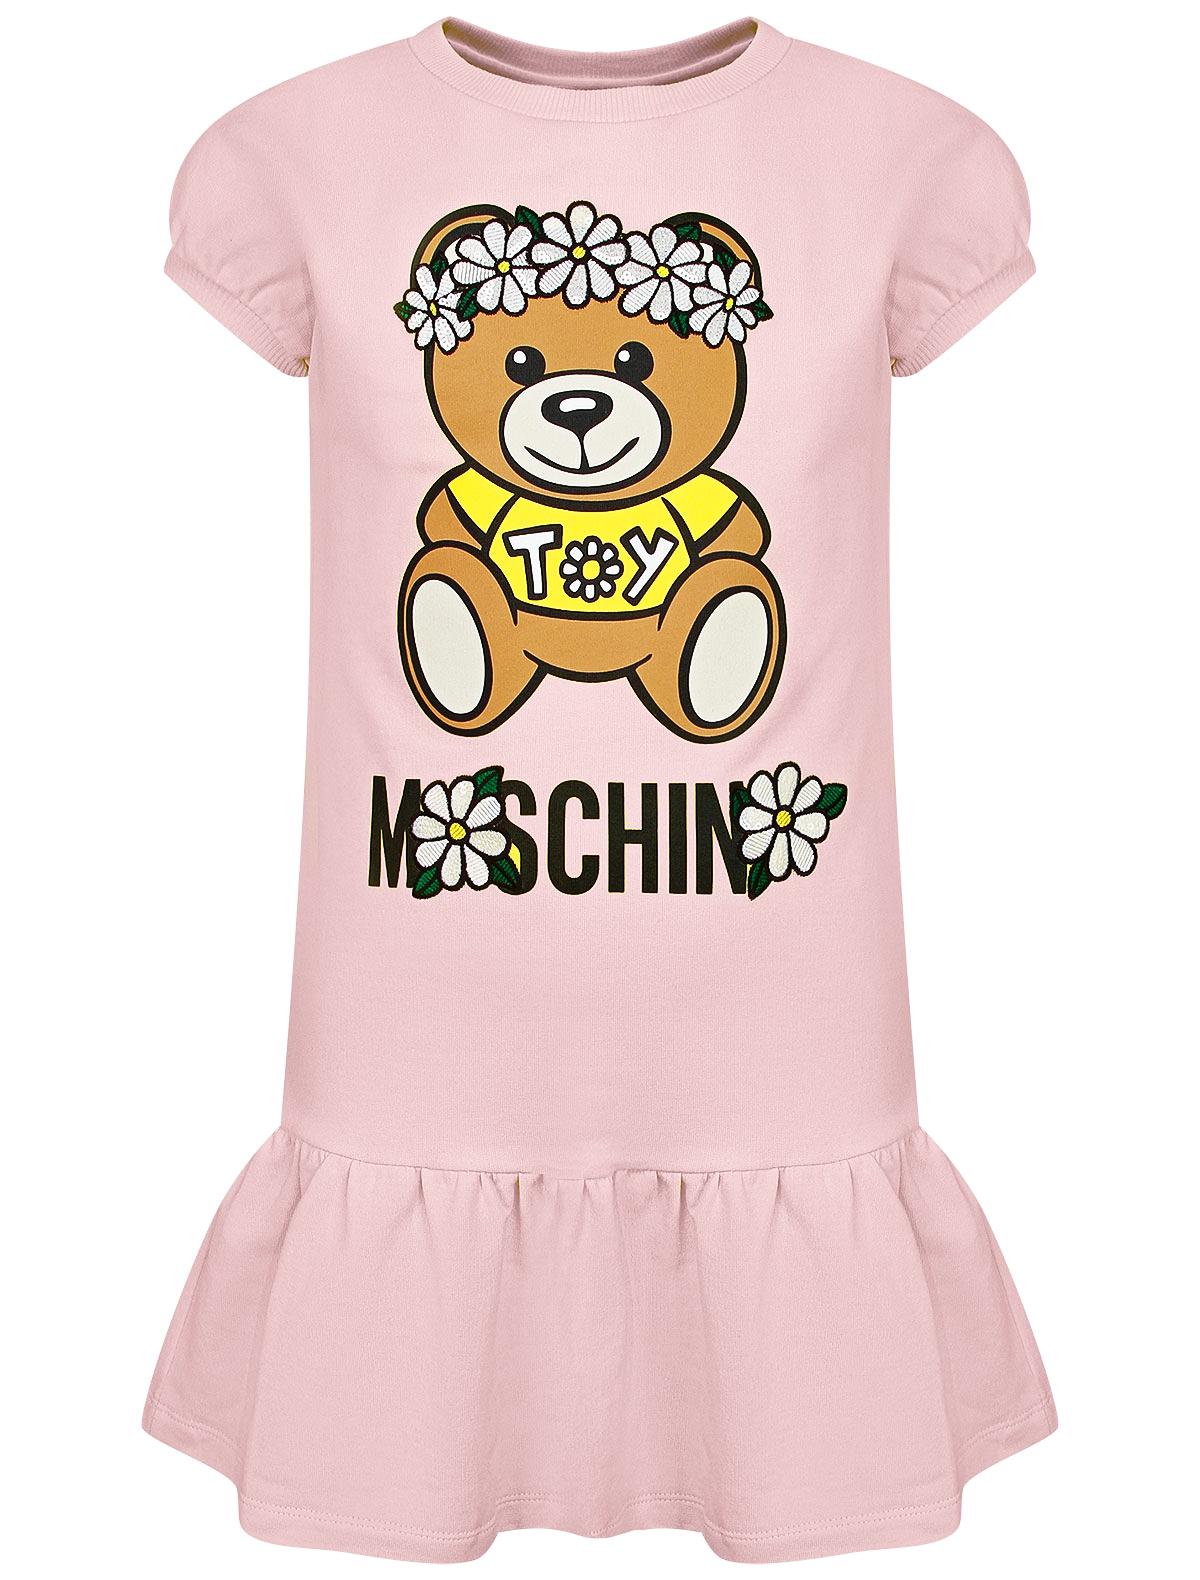 Купить 2278943, Платье Moschino, розовый, Женский, 1054509173757